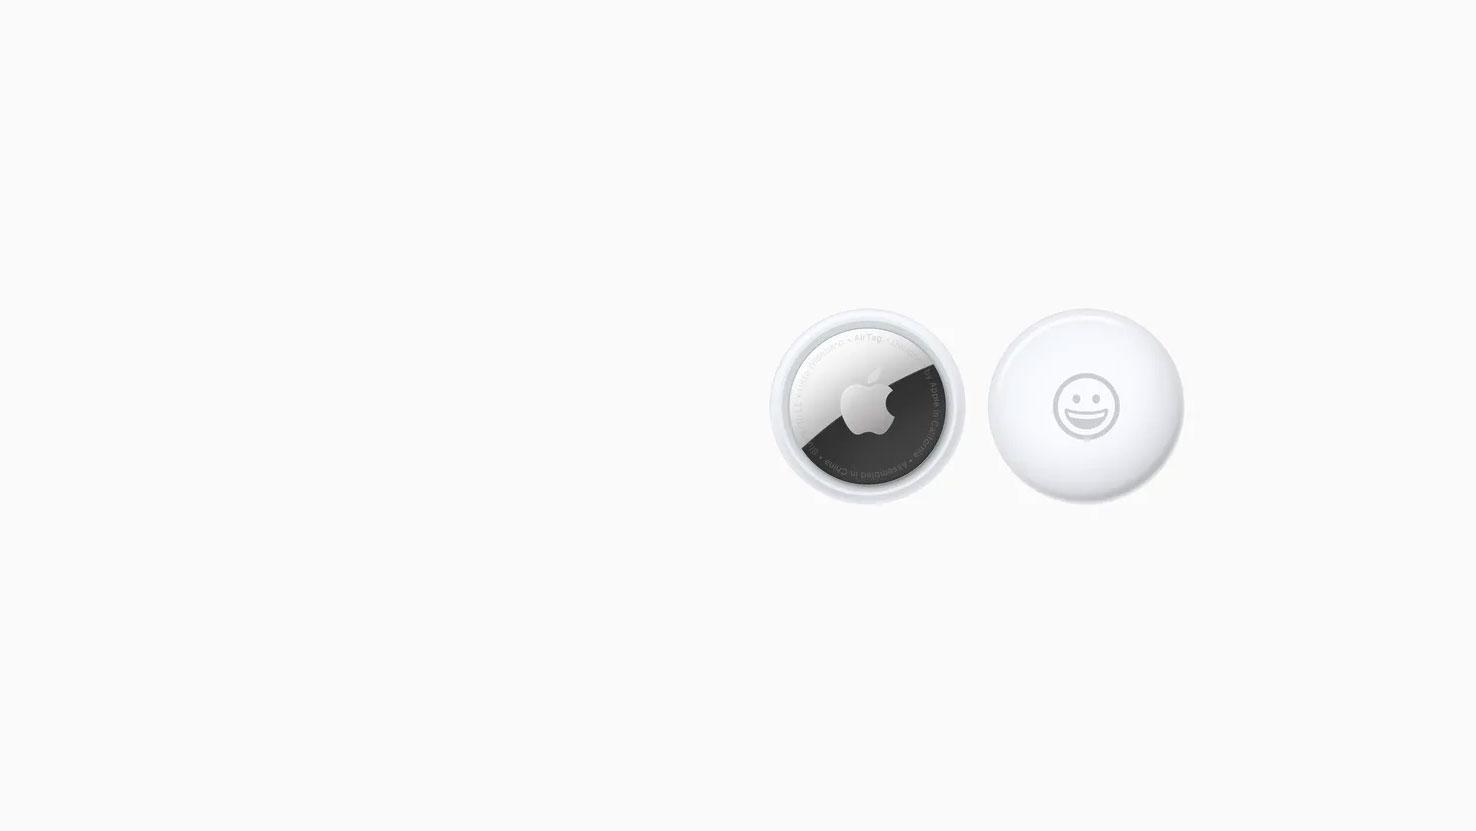 اپل AirTage به قیمت ۲۹ دلار رسما معرفی شد: گجت مکان یاب چیزها!